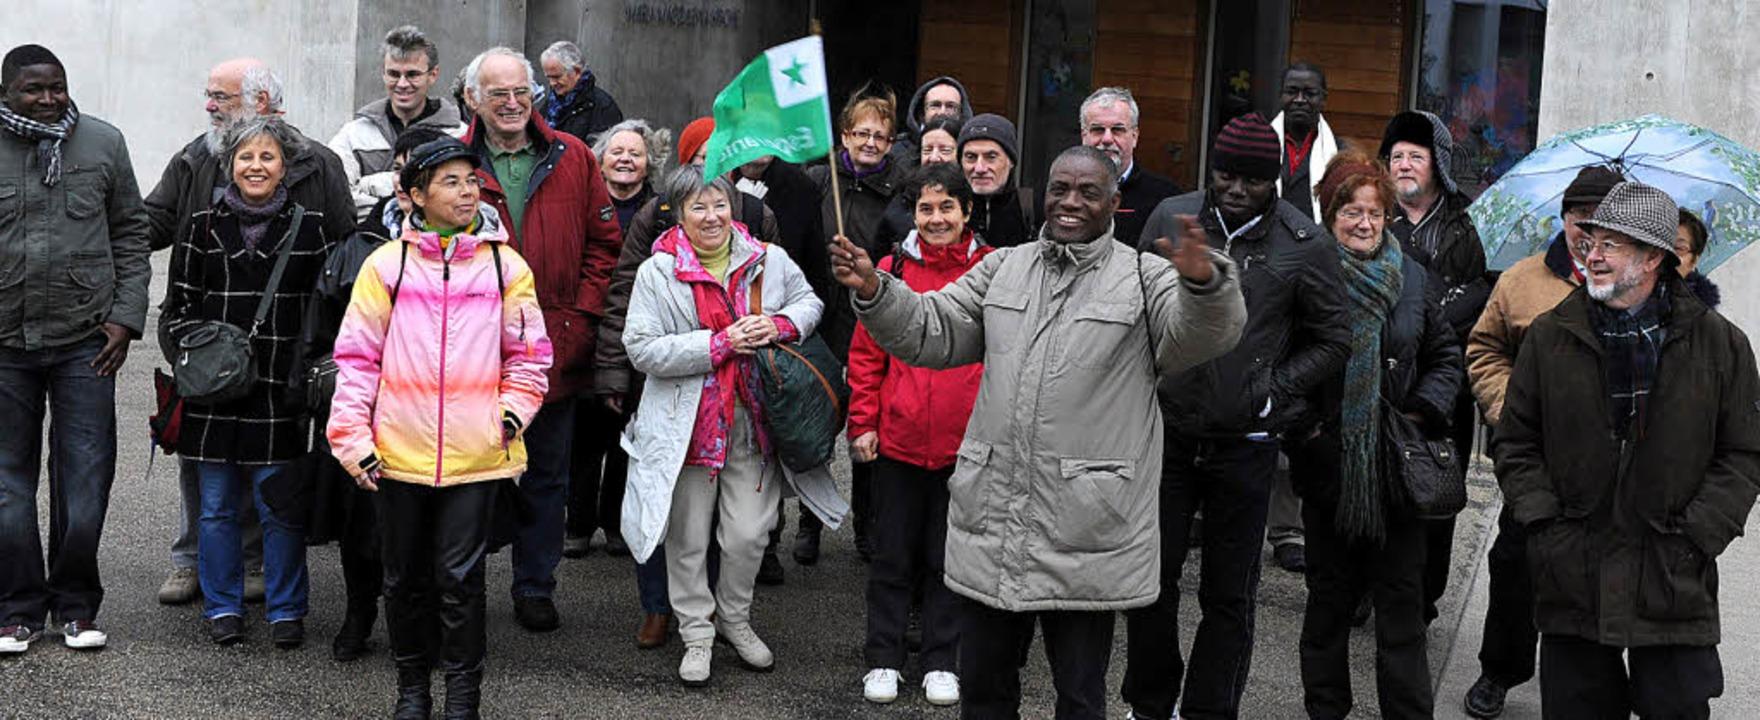 Die Esperanto-Gruppe vor der Rieselfelder Maria-Magdalena-Kirche  | Foto: Rita Eggstein